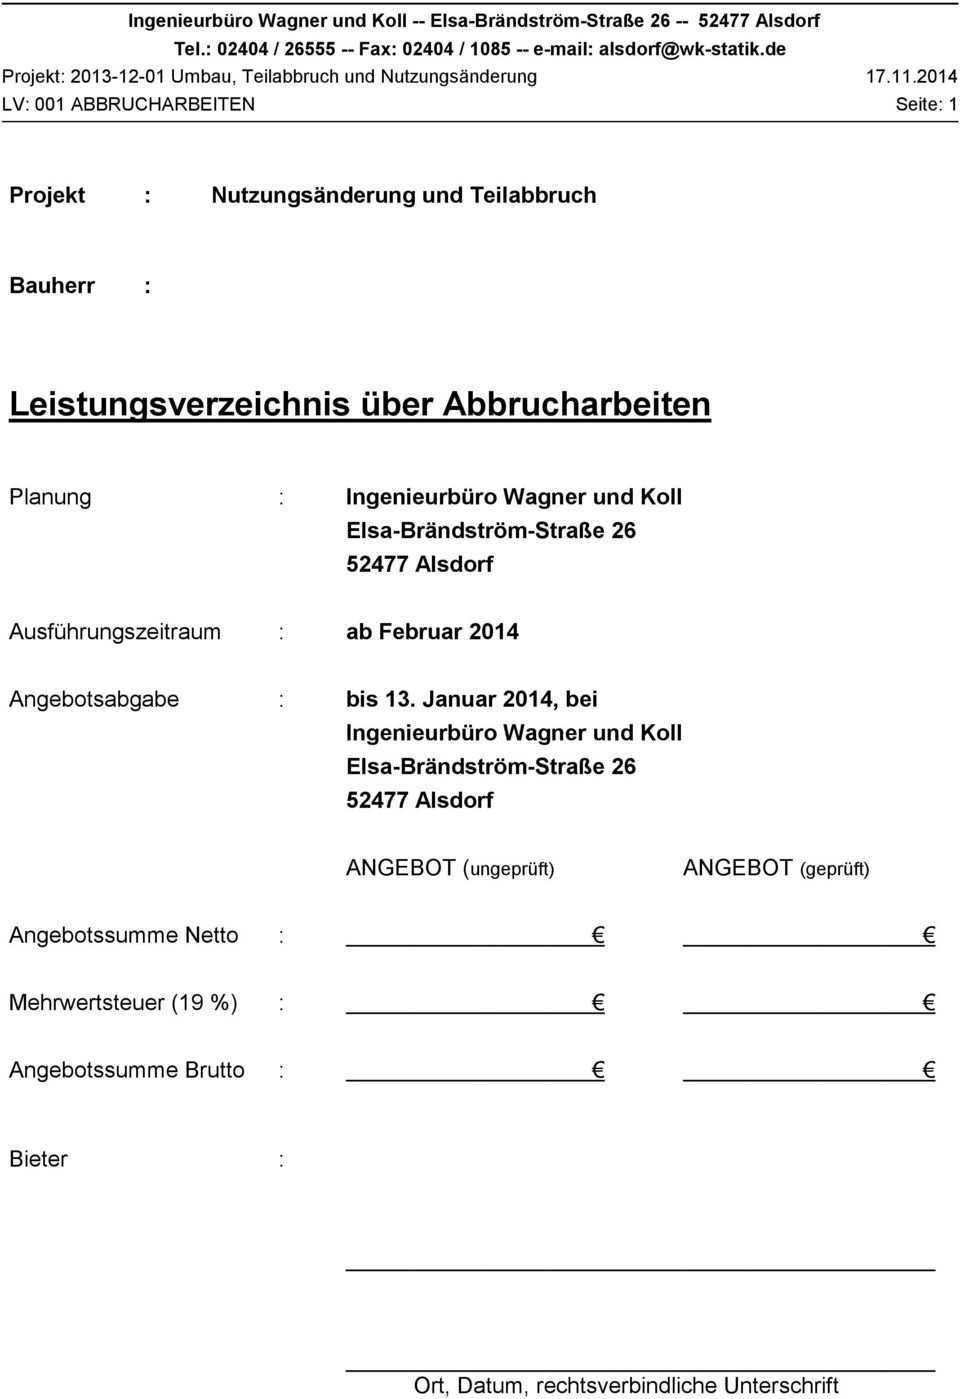 Leistungsverzeichnis Uber Abbrucharbeiten Pdf Kostenfreier Download